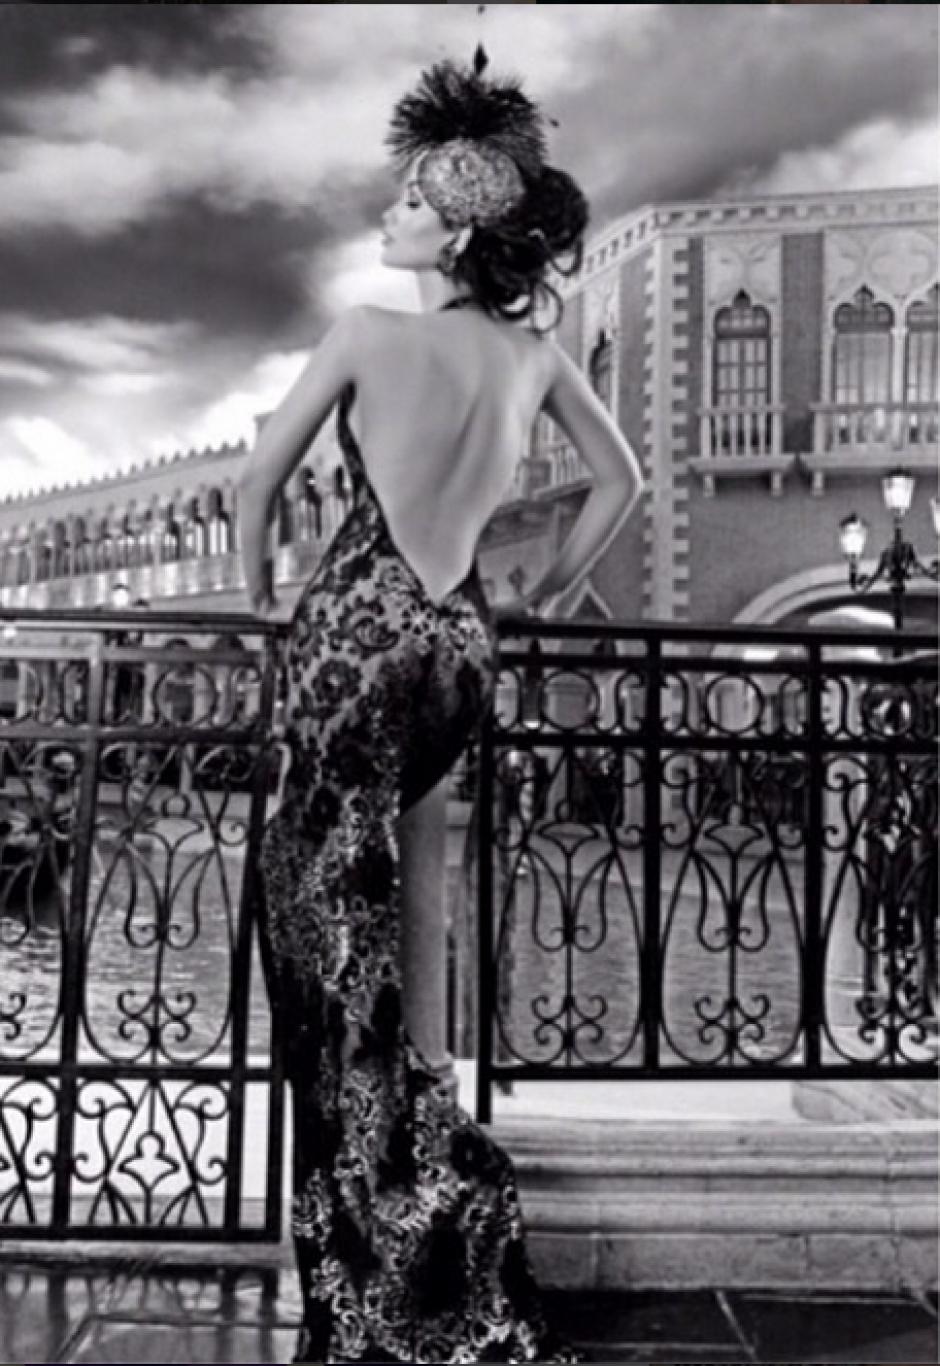 Elegante y seductora, Jamillette Gaxiola representará a Cuba en Miss Universo 2016